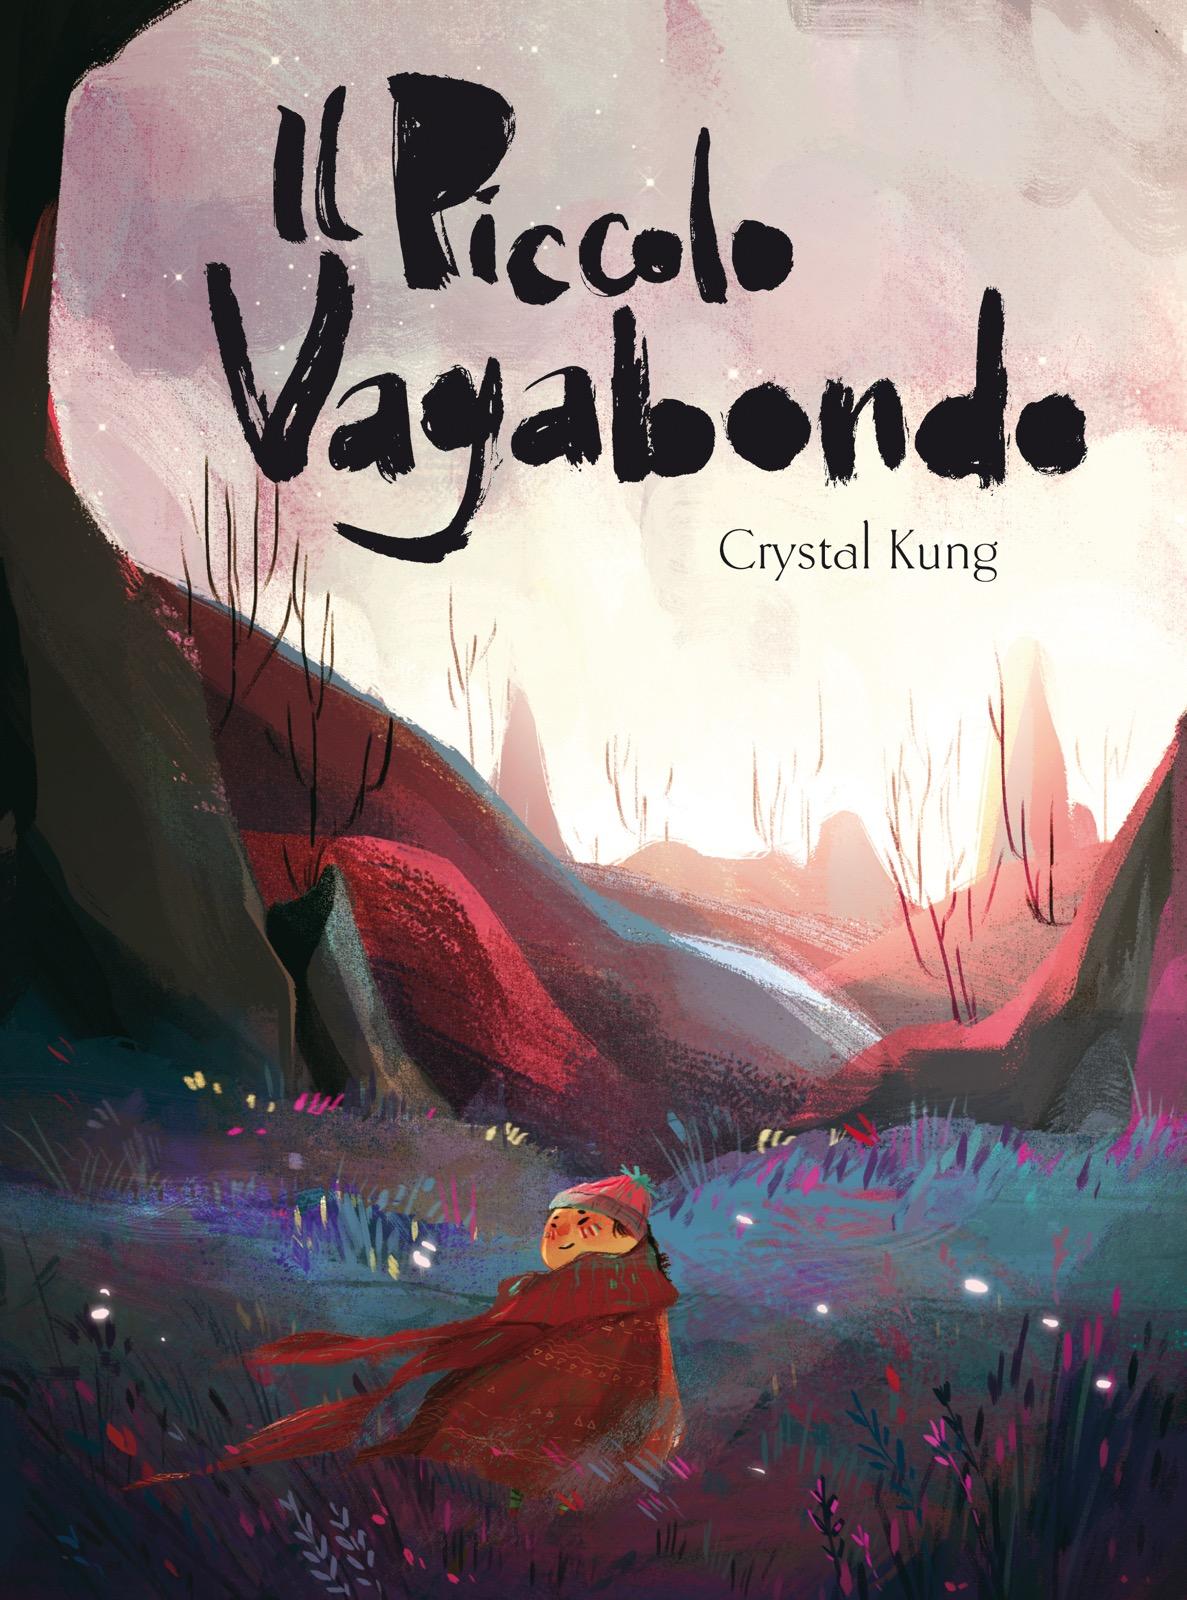 COVER IL PICCOLO VAGABONDO